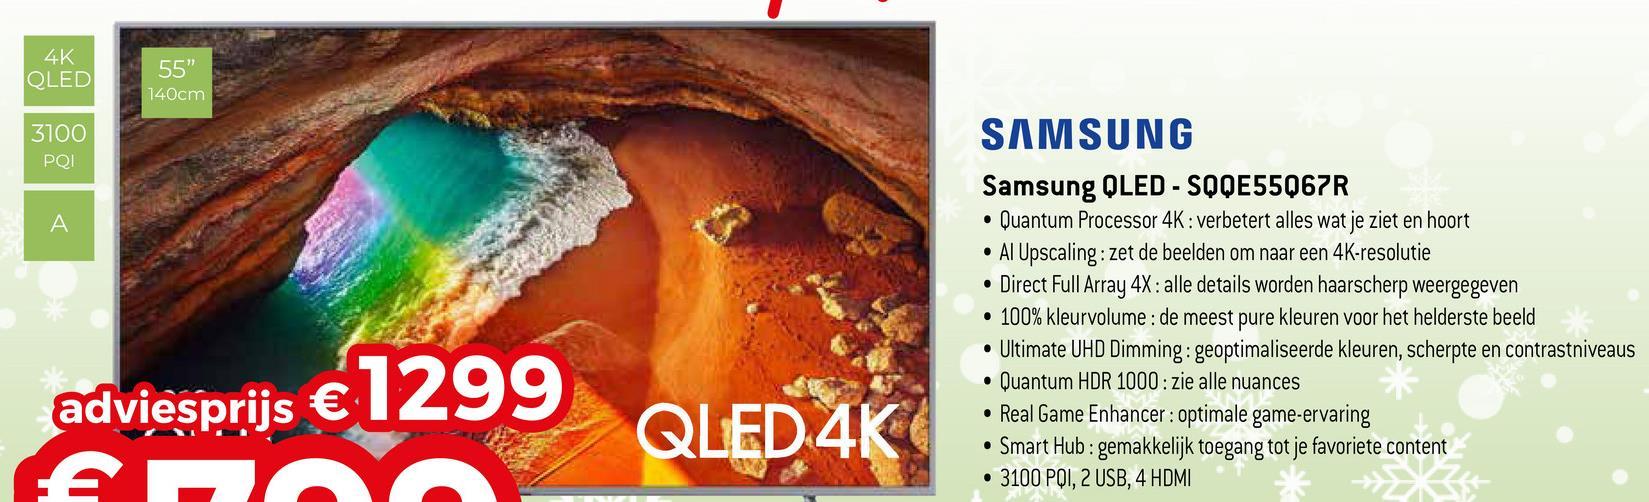 """4K QLED 55"""" 140cm 3100 PQI SAMSUNG Samsung QLED - SQQE55Q67R • Quantum Processor 4K: verbetert alles wat je ziet en hoort • Al Upscaling: zet de beelden om naar een 4K-resolutie • Direct Full Array 4X: alle details worden haarscherp weergegeven • 100% kleurvolume : de meest pure kleuren voor het helderste beeld • Ultimate UHD Dimming: geoptimaliseerde kleuren, scherpte en contrastniveaus • Quantum HDR 1000: zie alle nuances • Real Game Enhancer: optimale game-ervaring • Smart Hub: gemakkelijk toegang tot je favoriete content • 3100 PQI, 2 USB, 4 HDMI & X t adviesprijs € 1299 AH QLED 4K"""